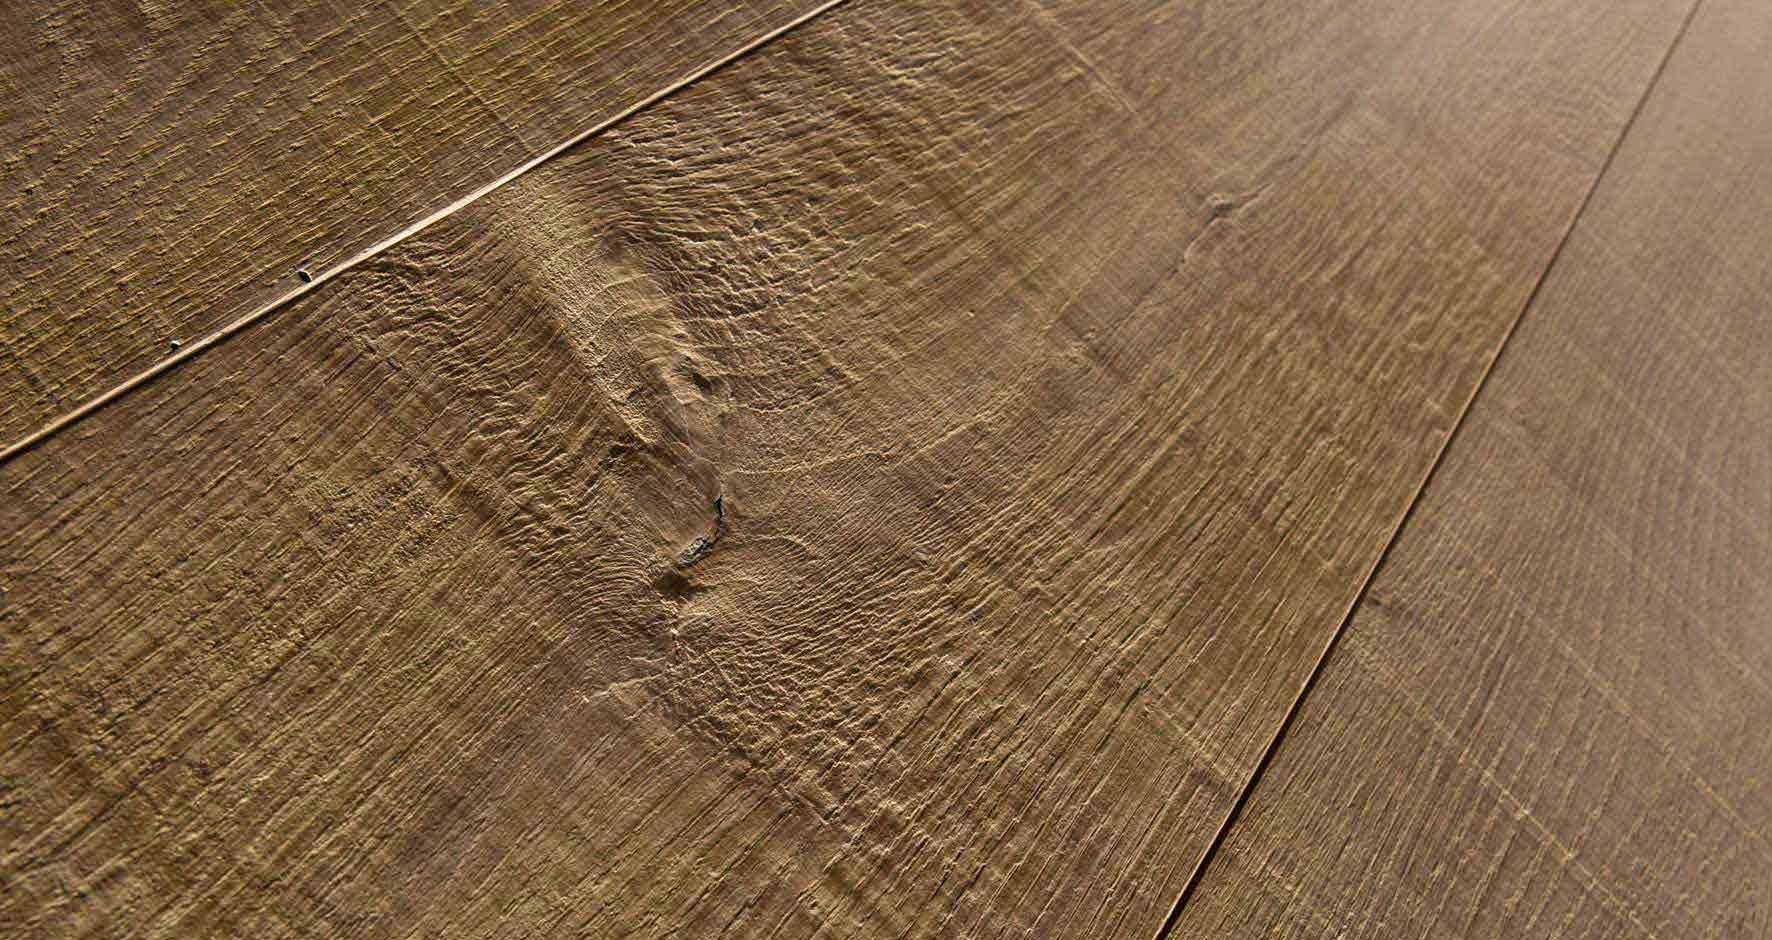 Bgp trading pirrera ceramiche for Leroy merlin pavimenti gres effetto legno